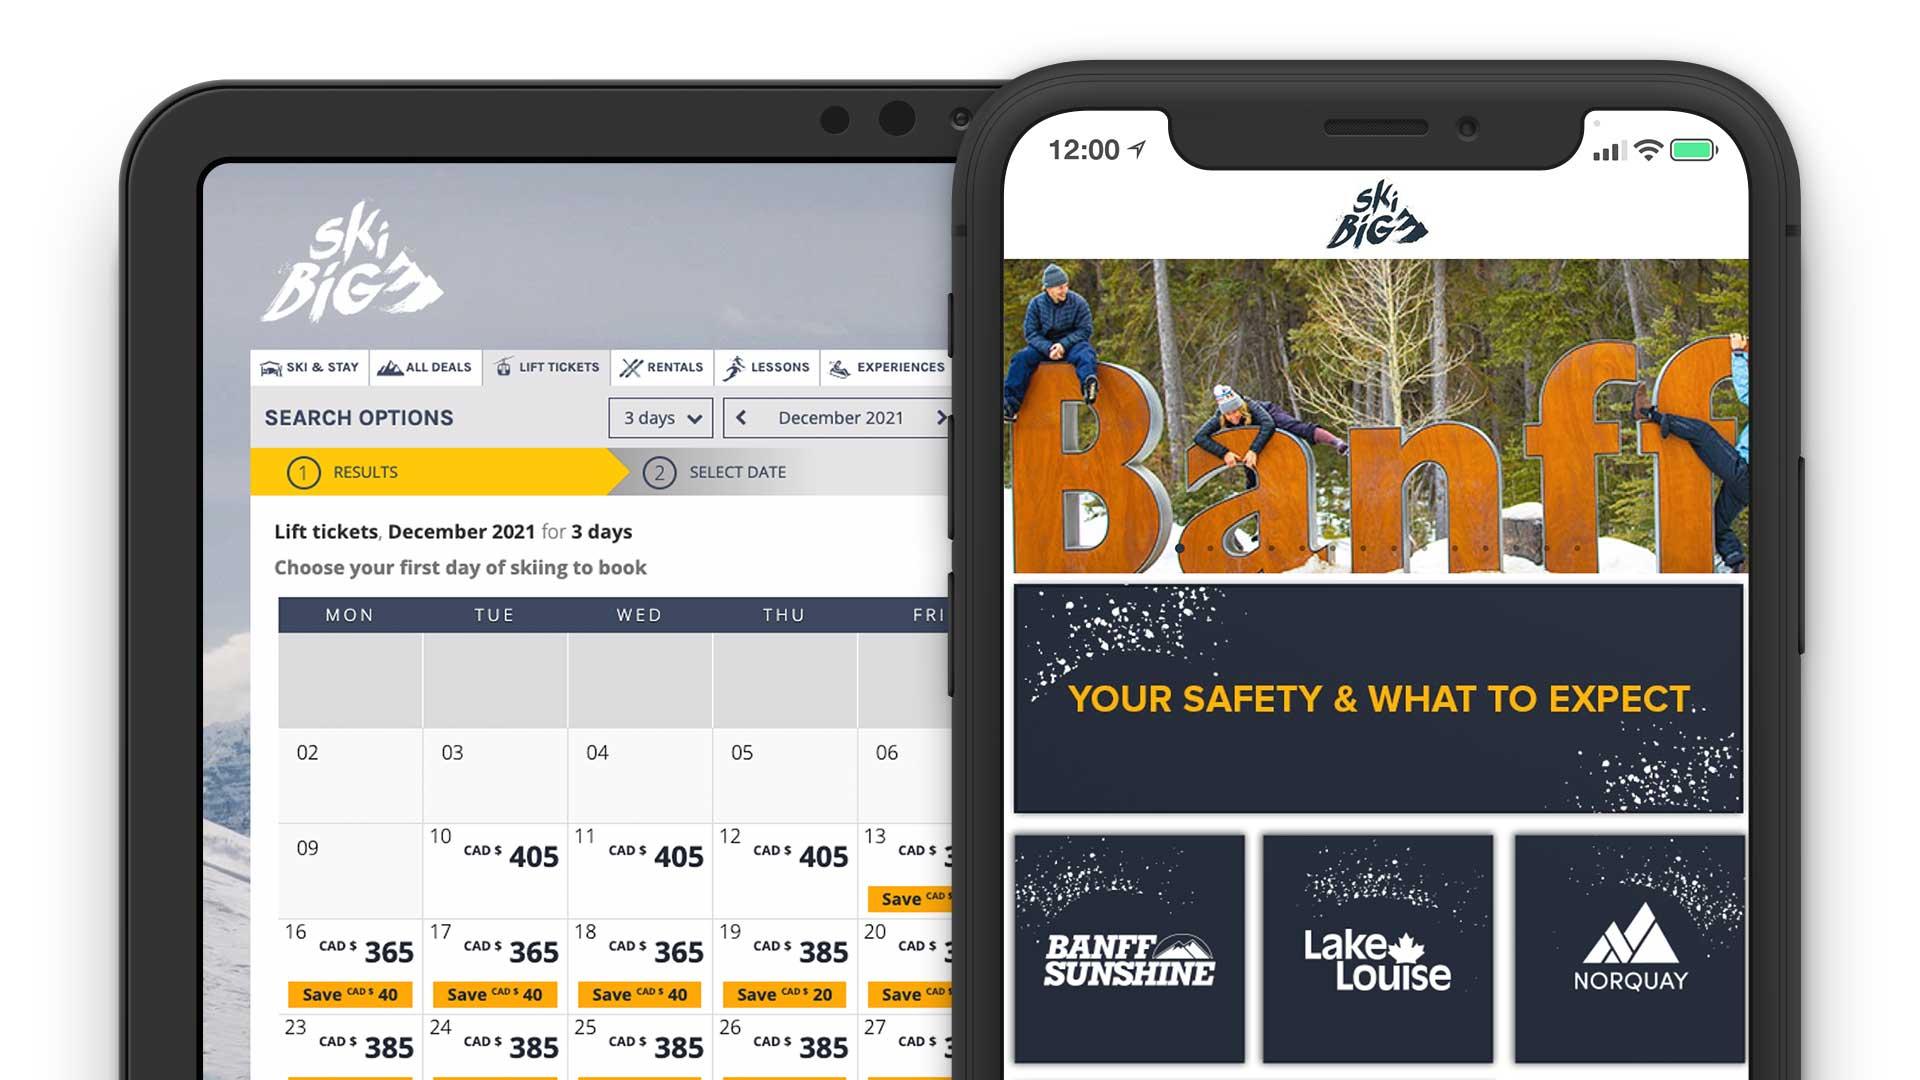 SkiBig3 Direct Booking System Reservation Solution Mobile App Online Laptop